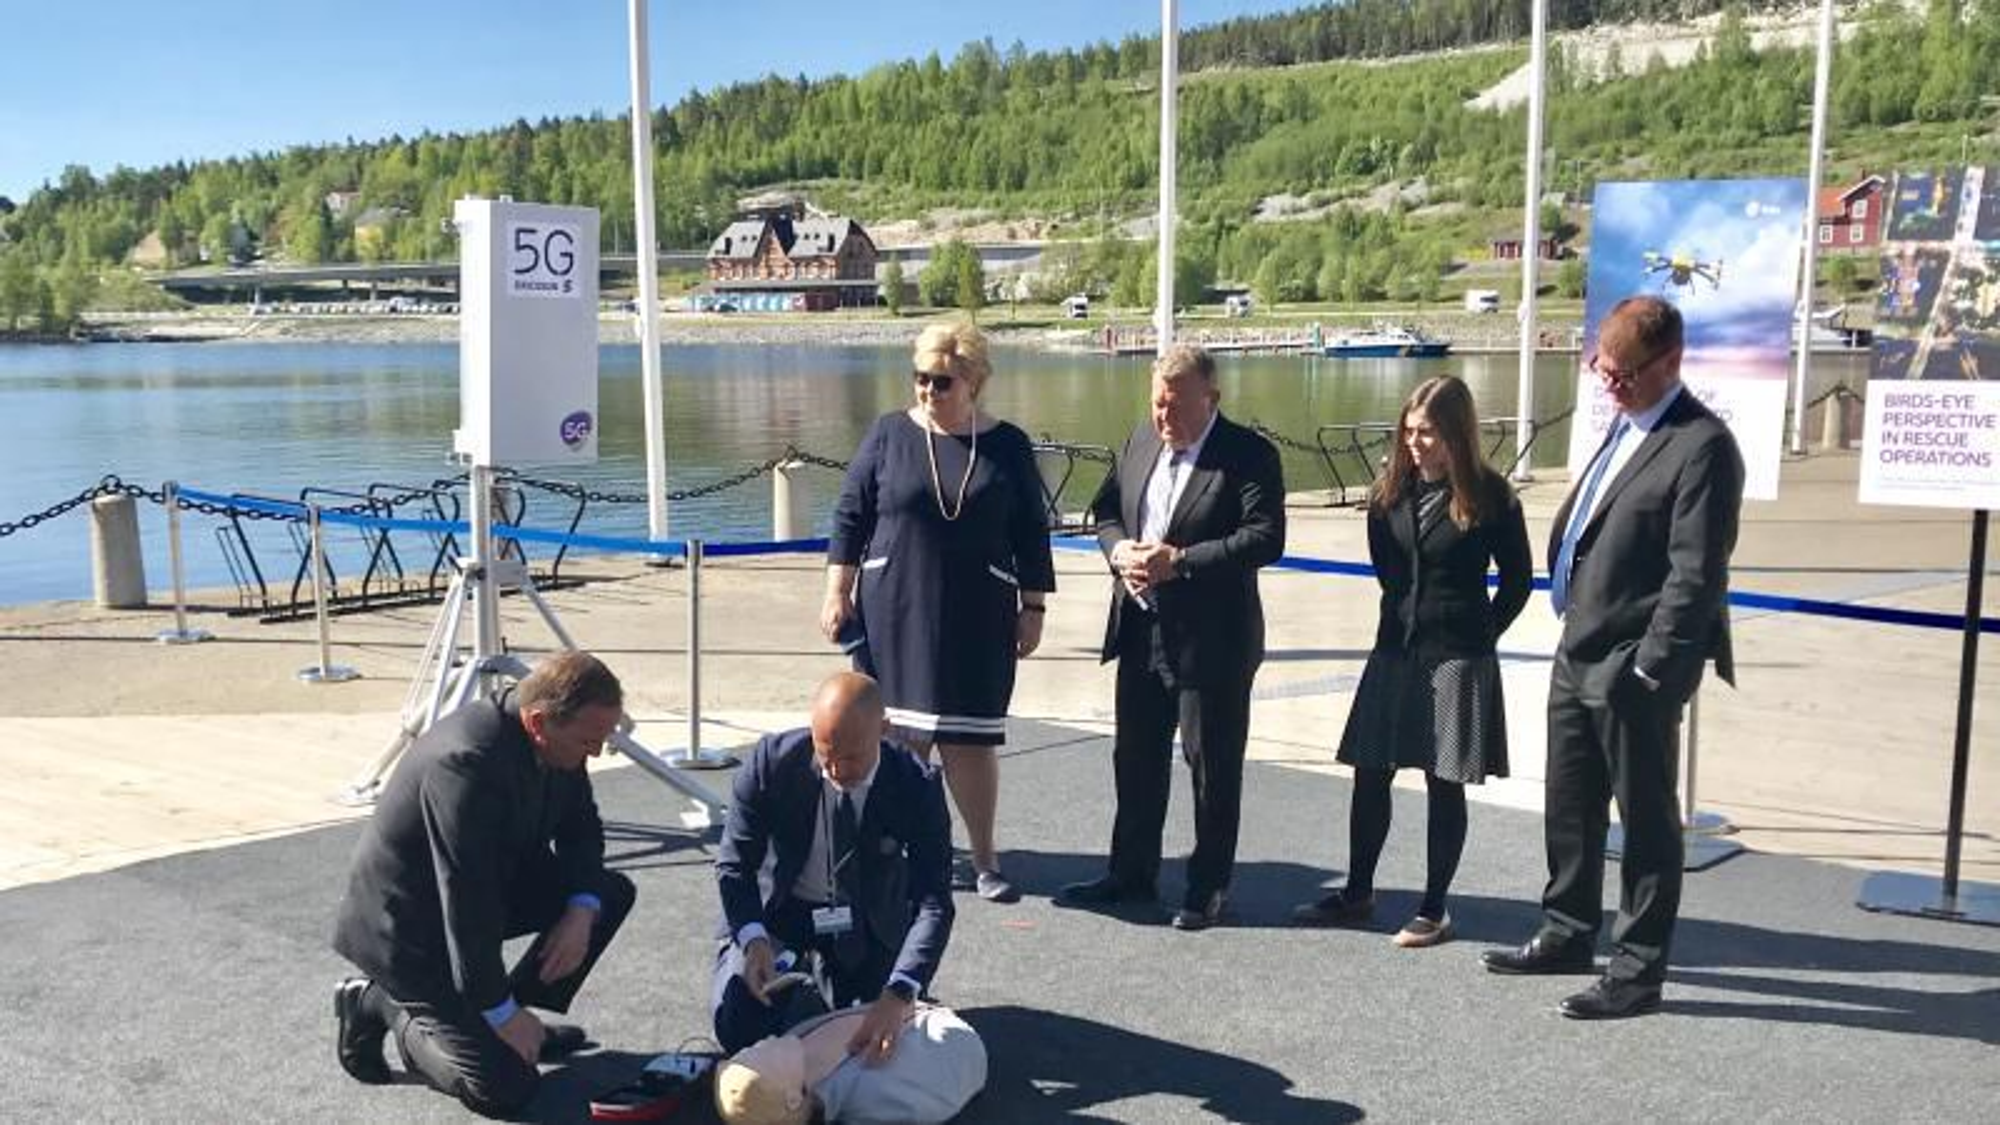 I mai 2018 møttes de nordiske statsministrene og ga hverandre hånden på et storstilt 5G-samarbeid. Etter det har ingen ting skjedd.